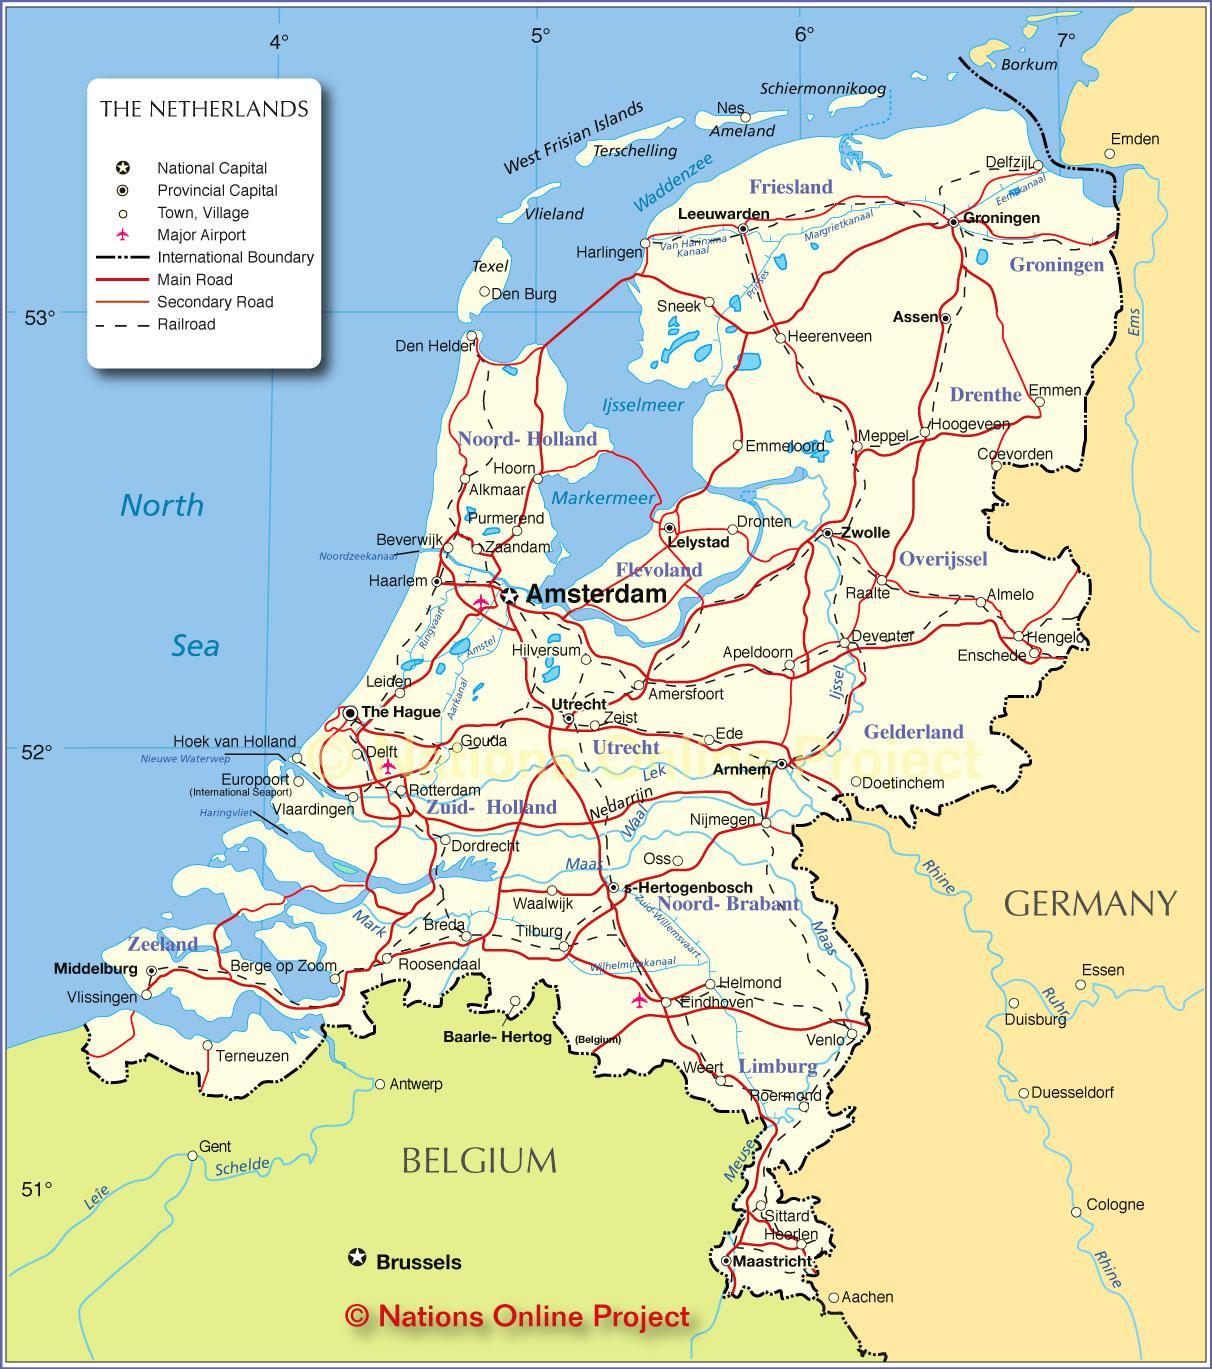 Karta Lander I Europa.Holland Land Karta Karta Over Holland Och Omgivande Lander Vastra